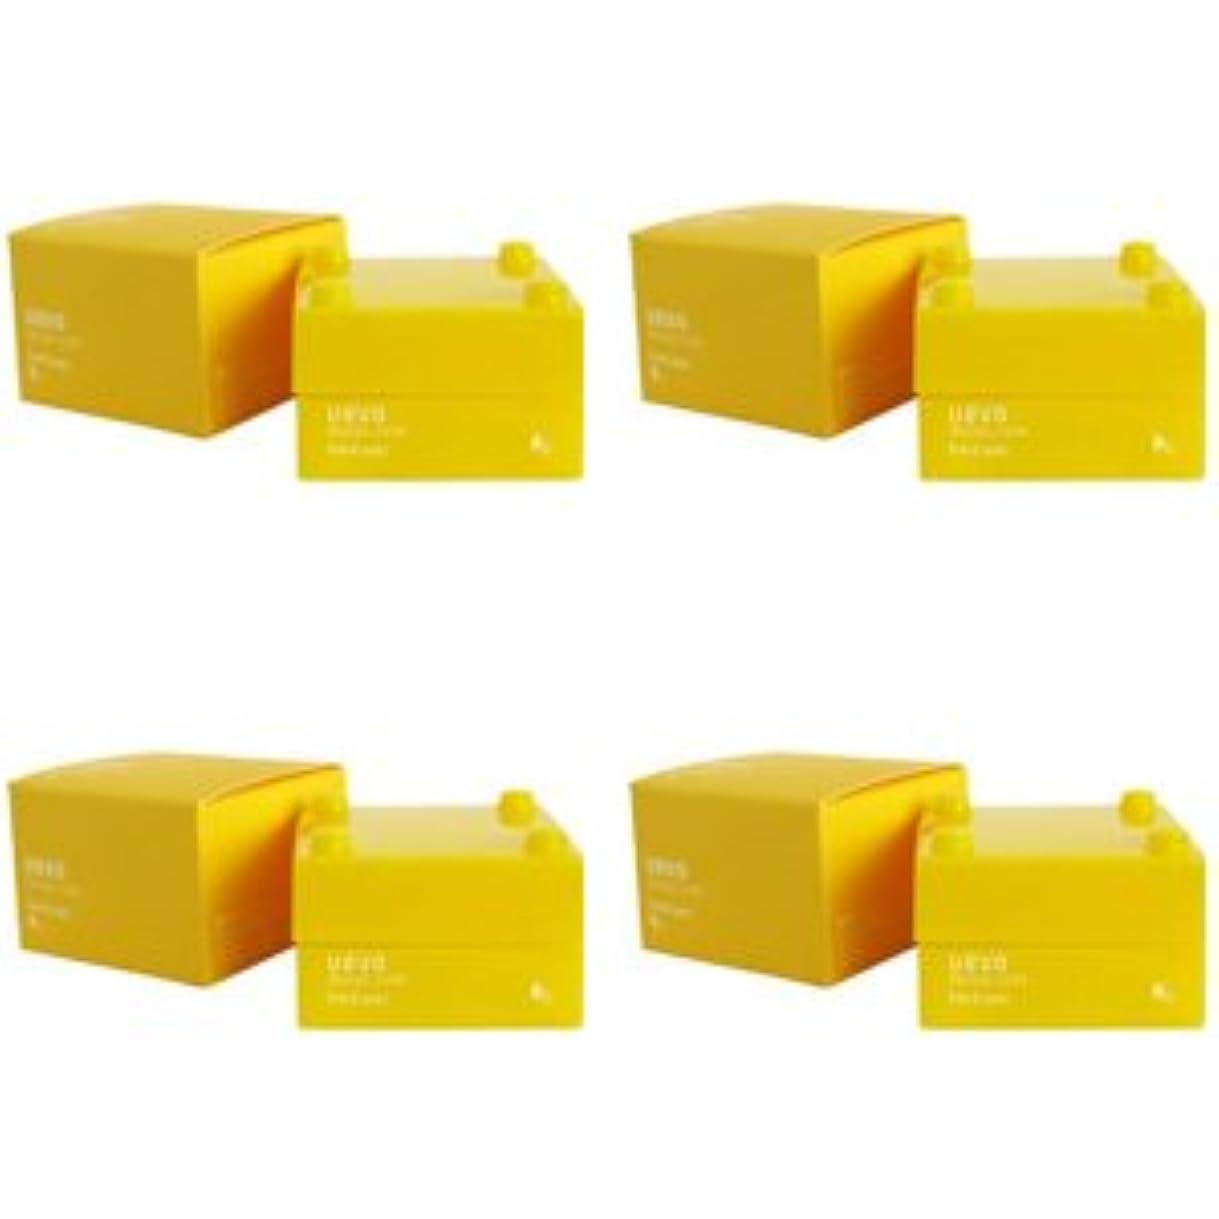 ショルダー耳発火する【X4個セット】 デミ ウェーボ デザインキューブ ハードワックス 30g hard wax DEMI uevo design cube